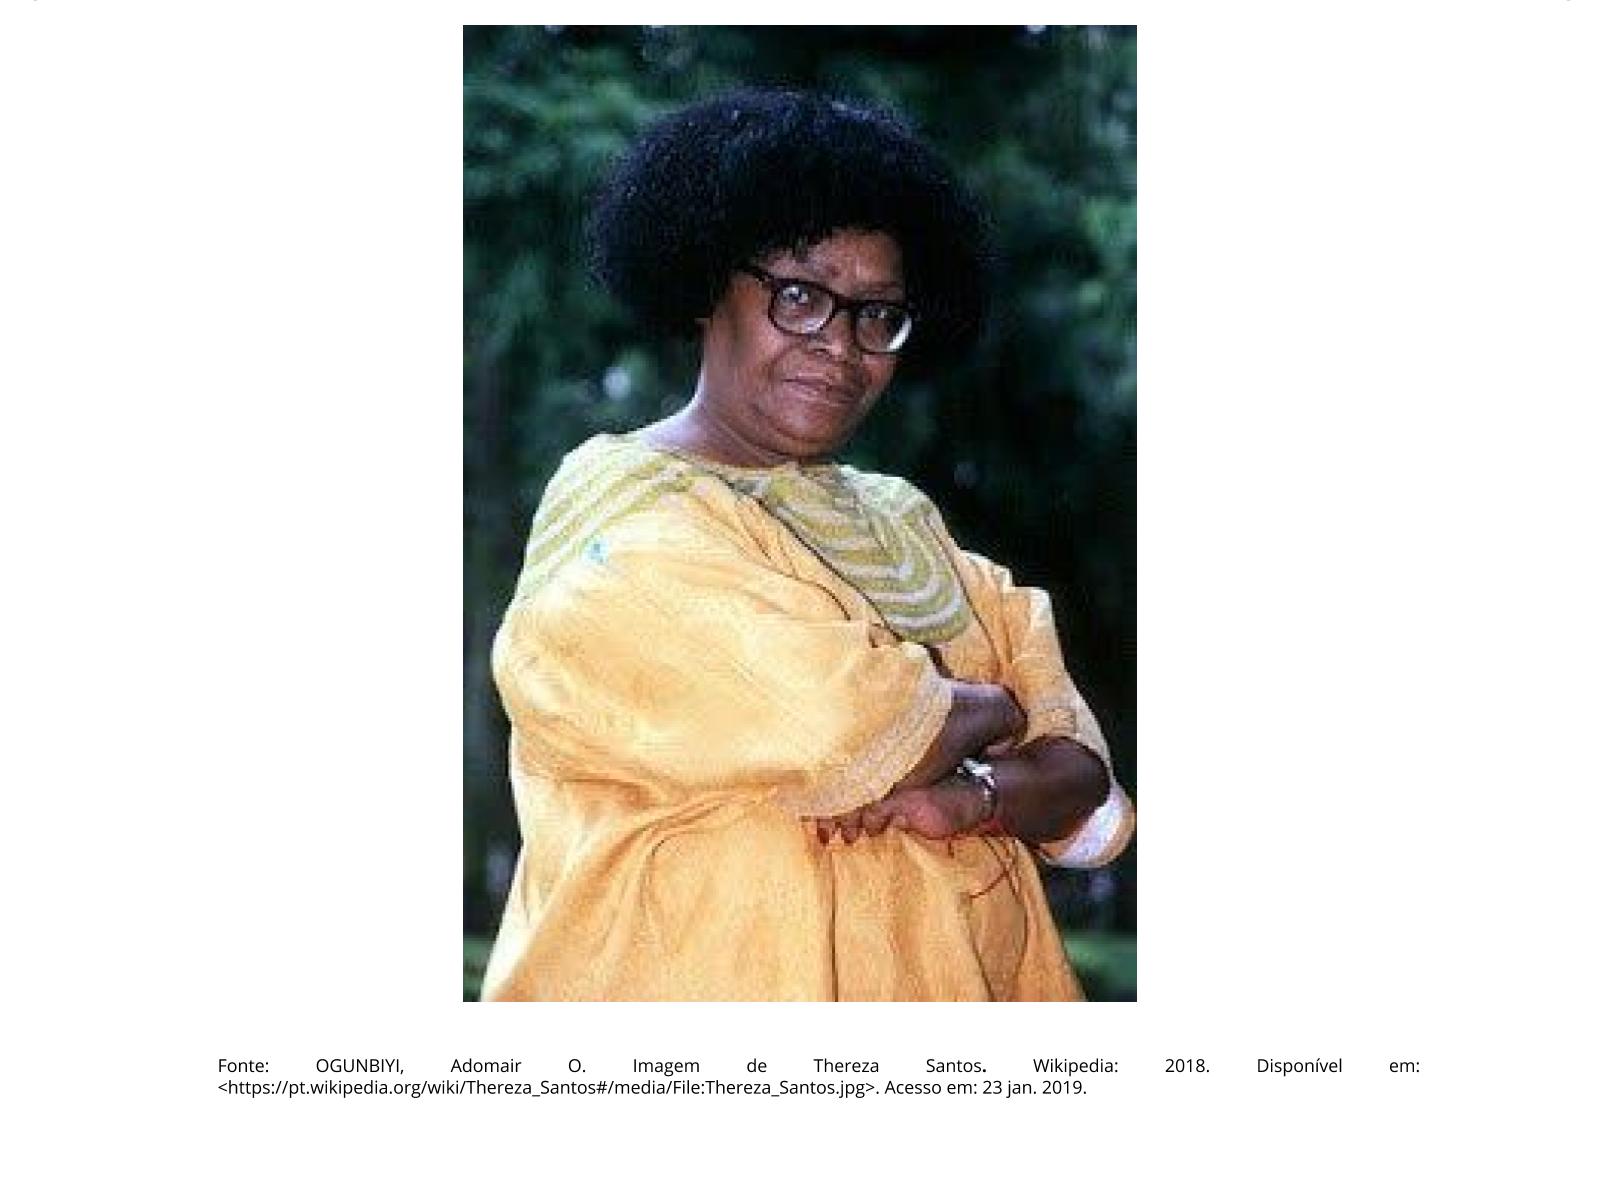 Mulheres negras, militância e resistência: Thereza Santos